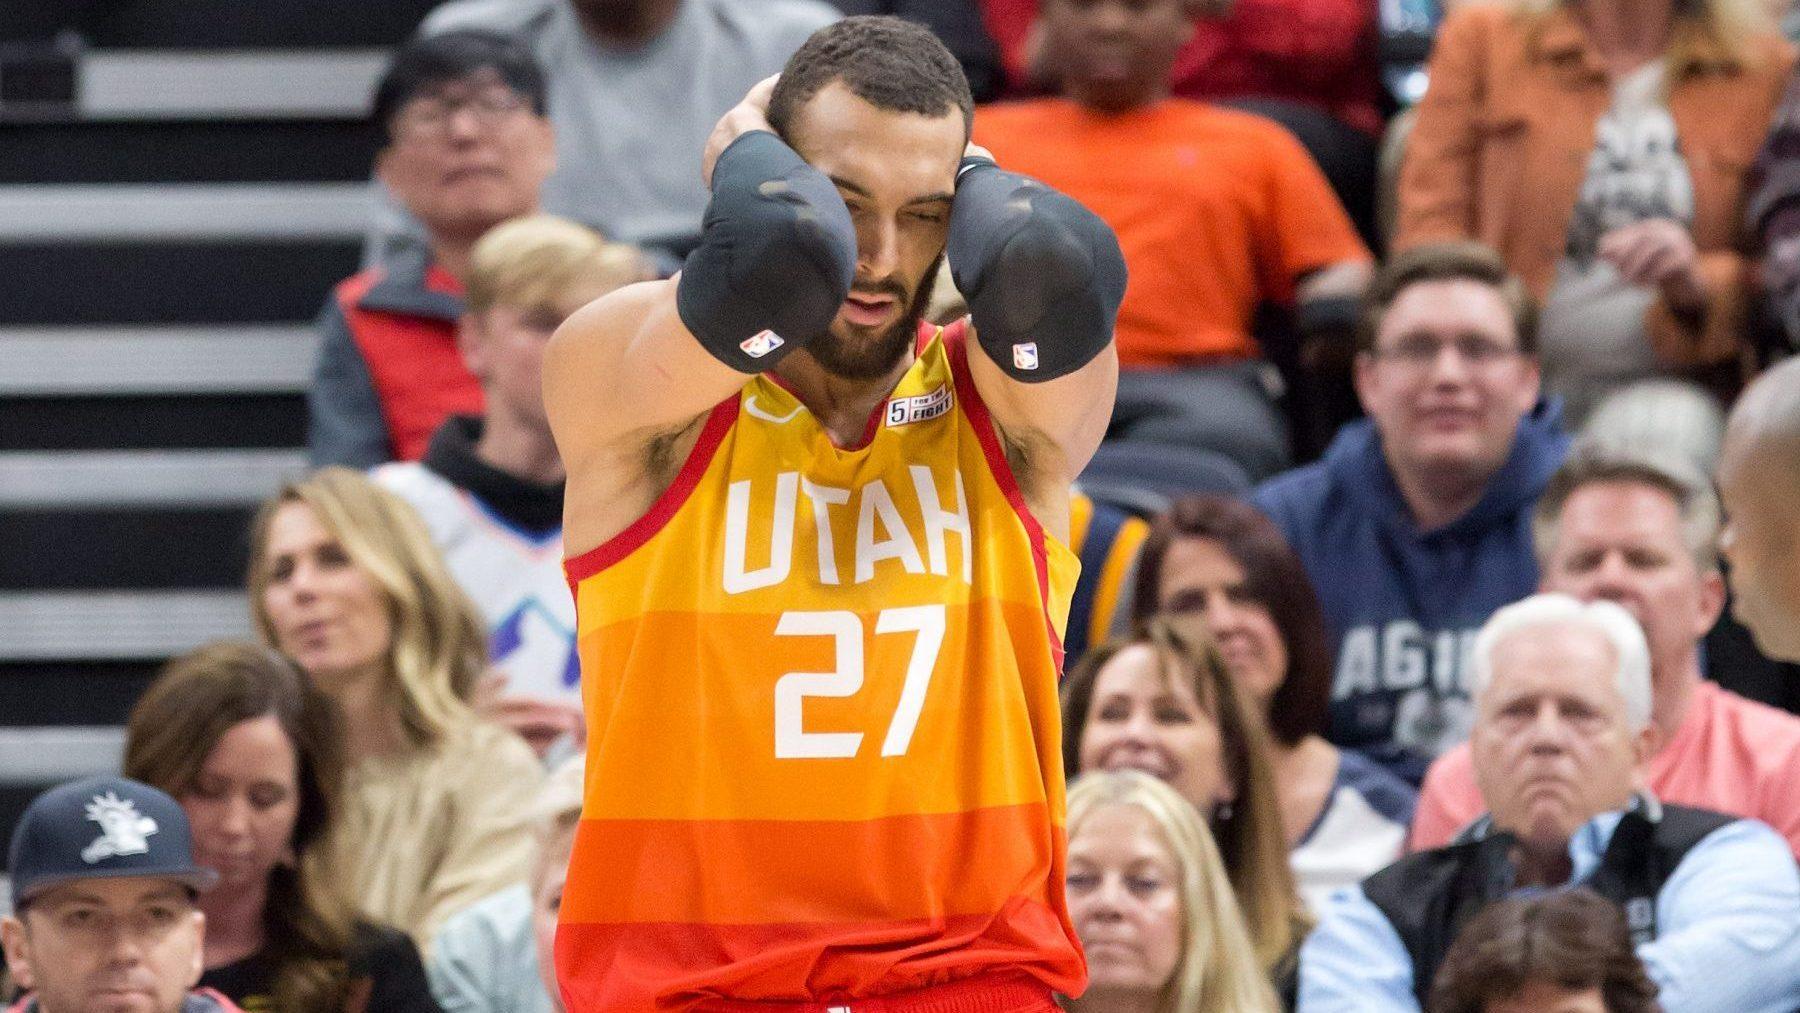 除了阿努诺比伊巴卡也很危险!伊巴卡亲吻了戈贝尔罚球后的篮球_NBA每日重磅